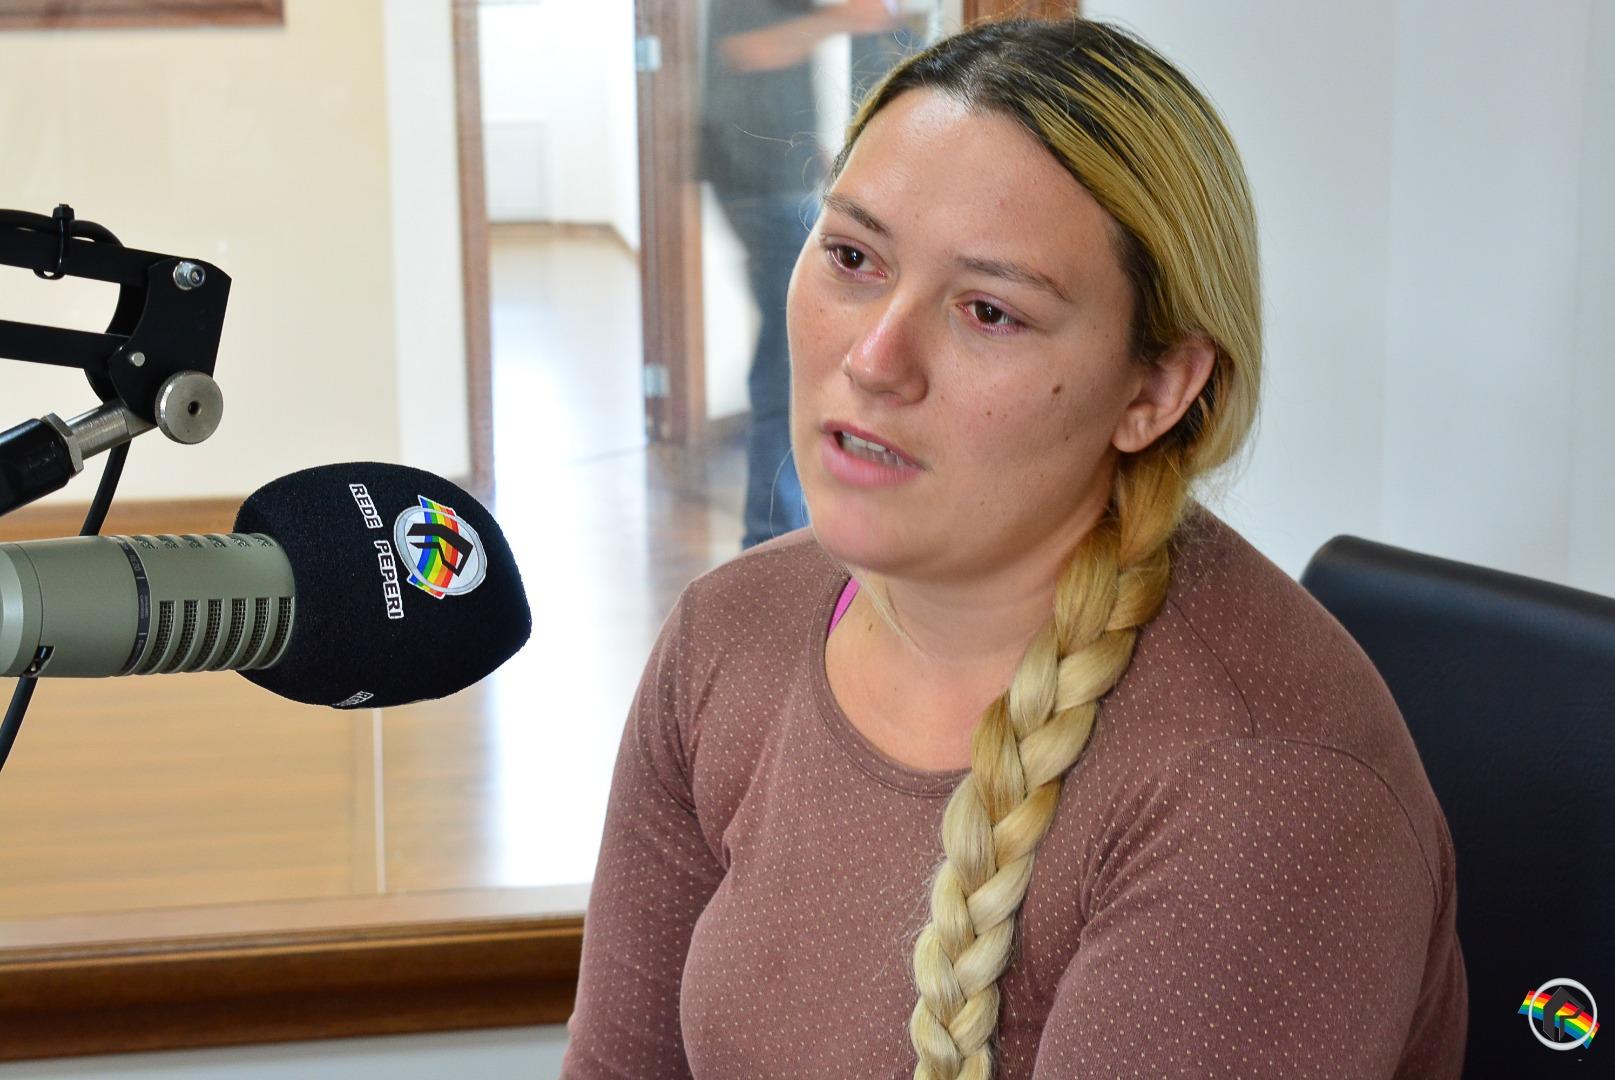 Pais de Lara Camili Bianchetti fazem homenagem à filha